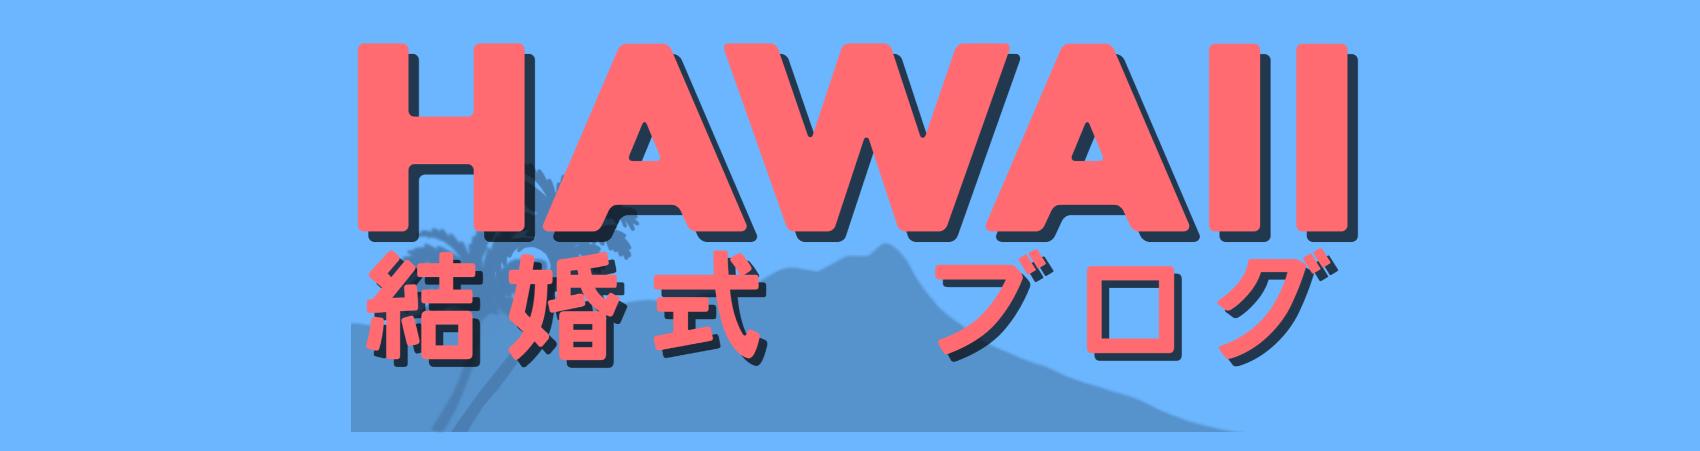 【ハワイ挙式ブログ】格安費用でできるハワイ挙式ガイド